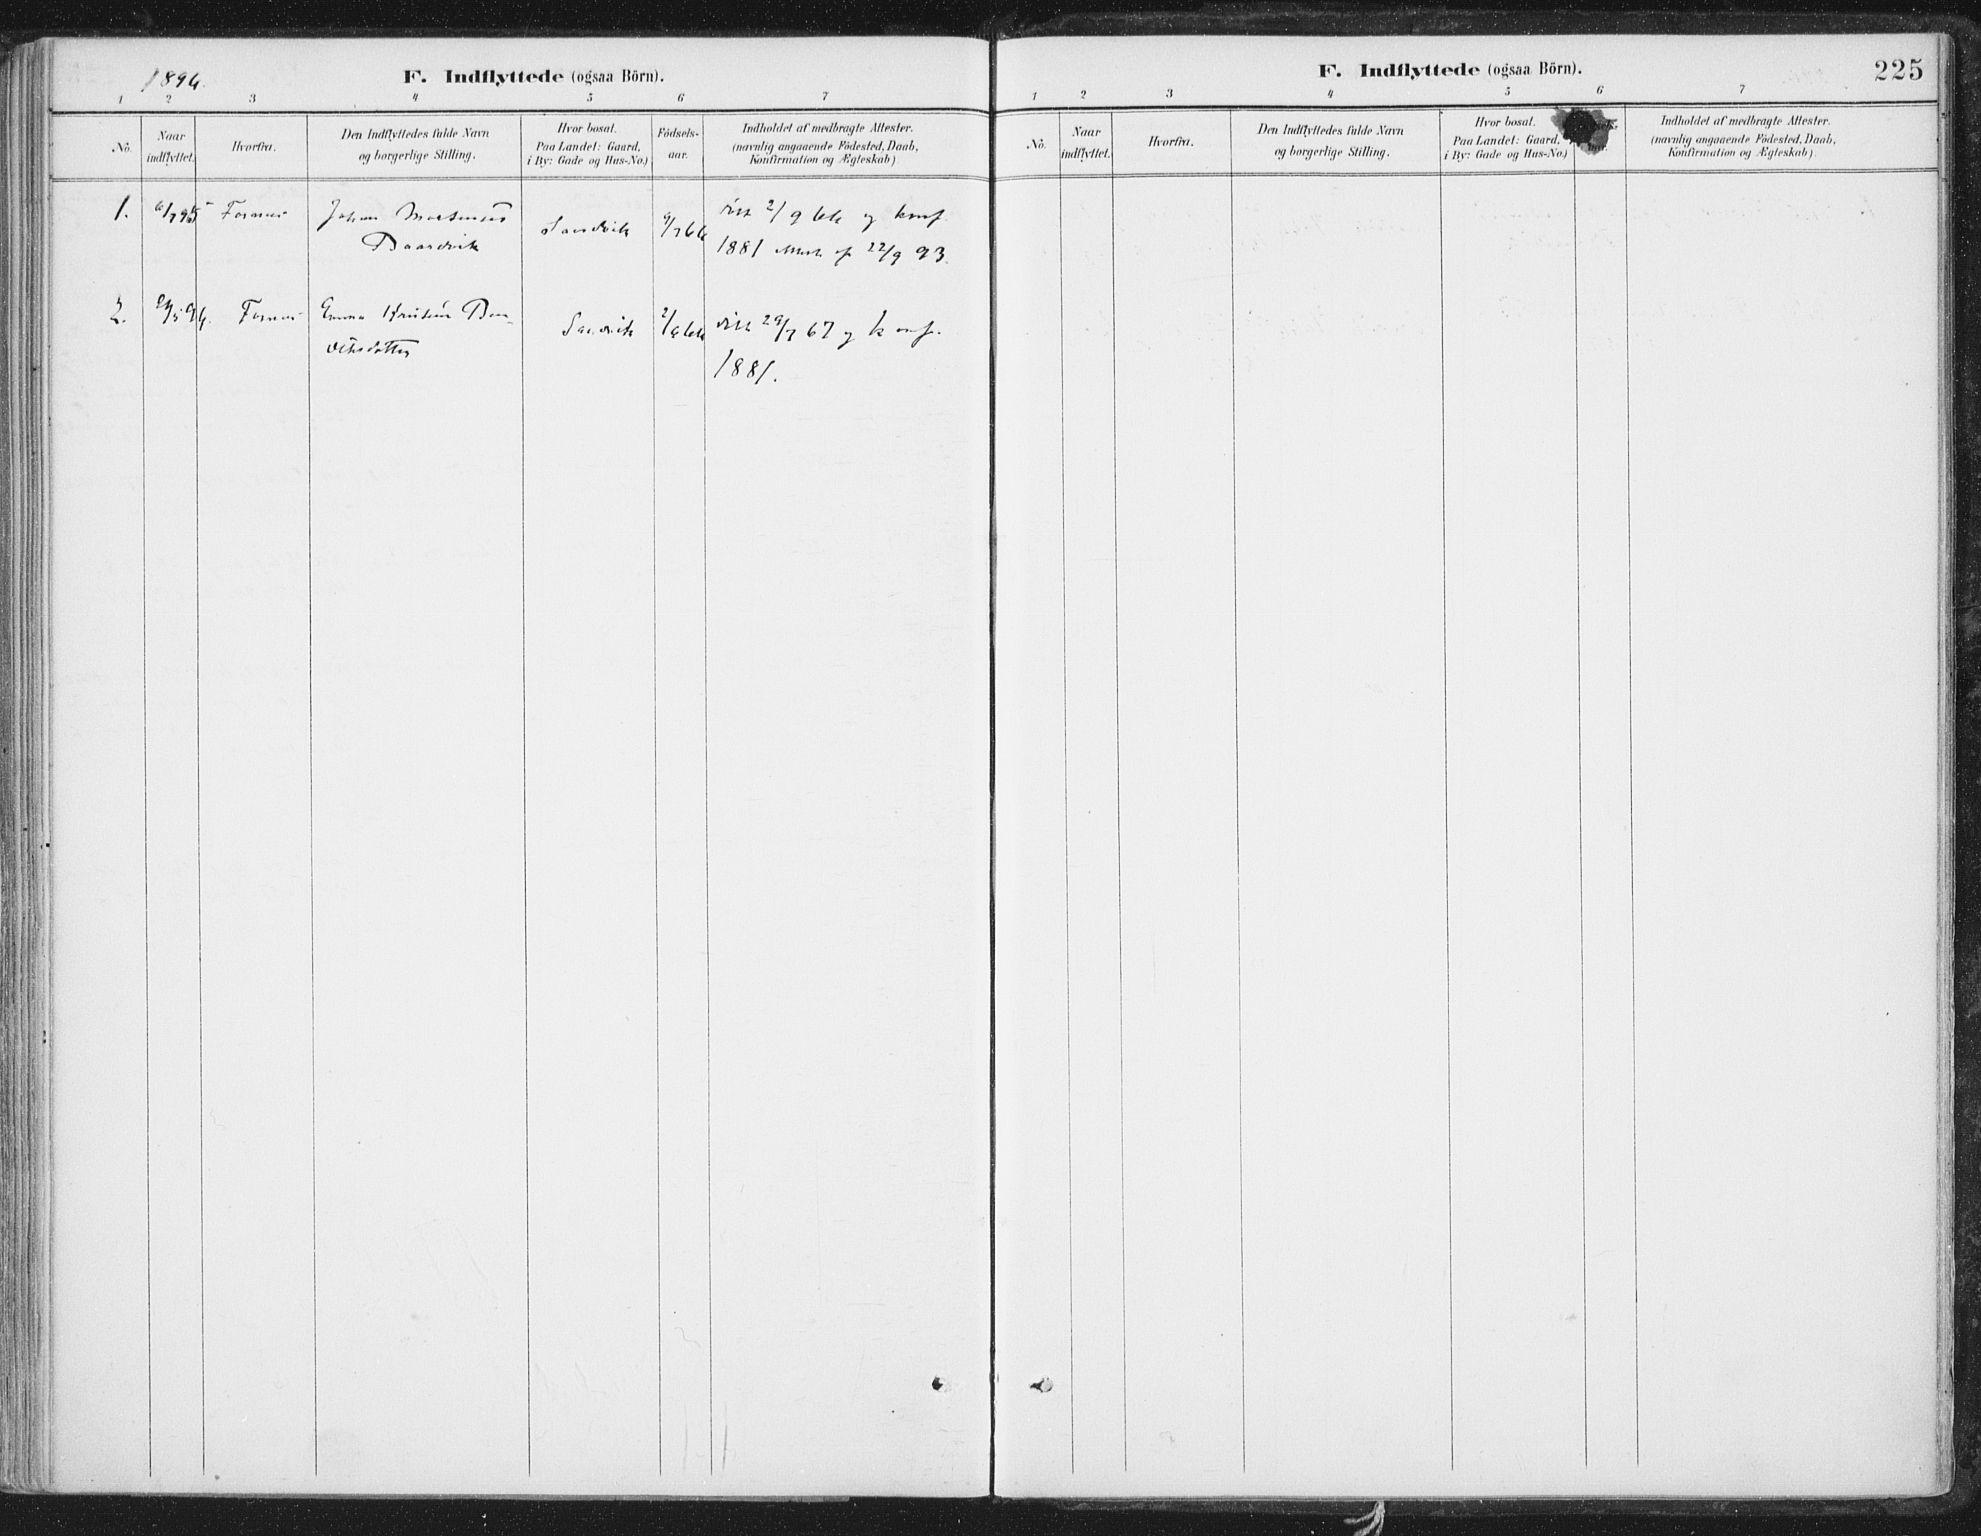 SAT, Ministerialprotokoller, klokkerbøker og fødselsregistre - Nord-Trøndelag, 786/L0687: Ministerialbok nr. 786A03, 1888-1898, s. 225